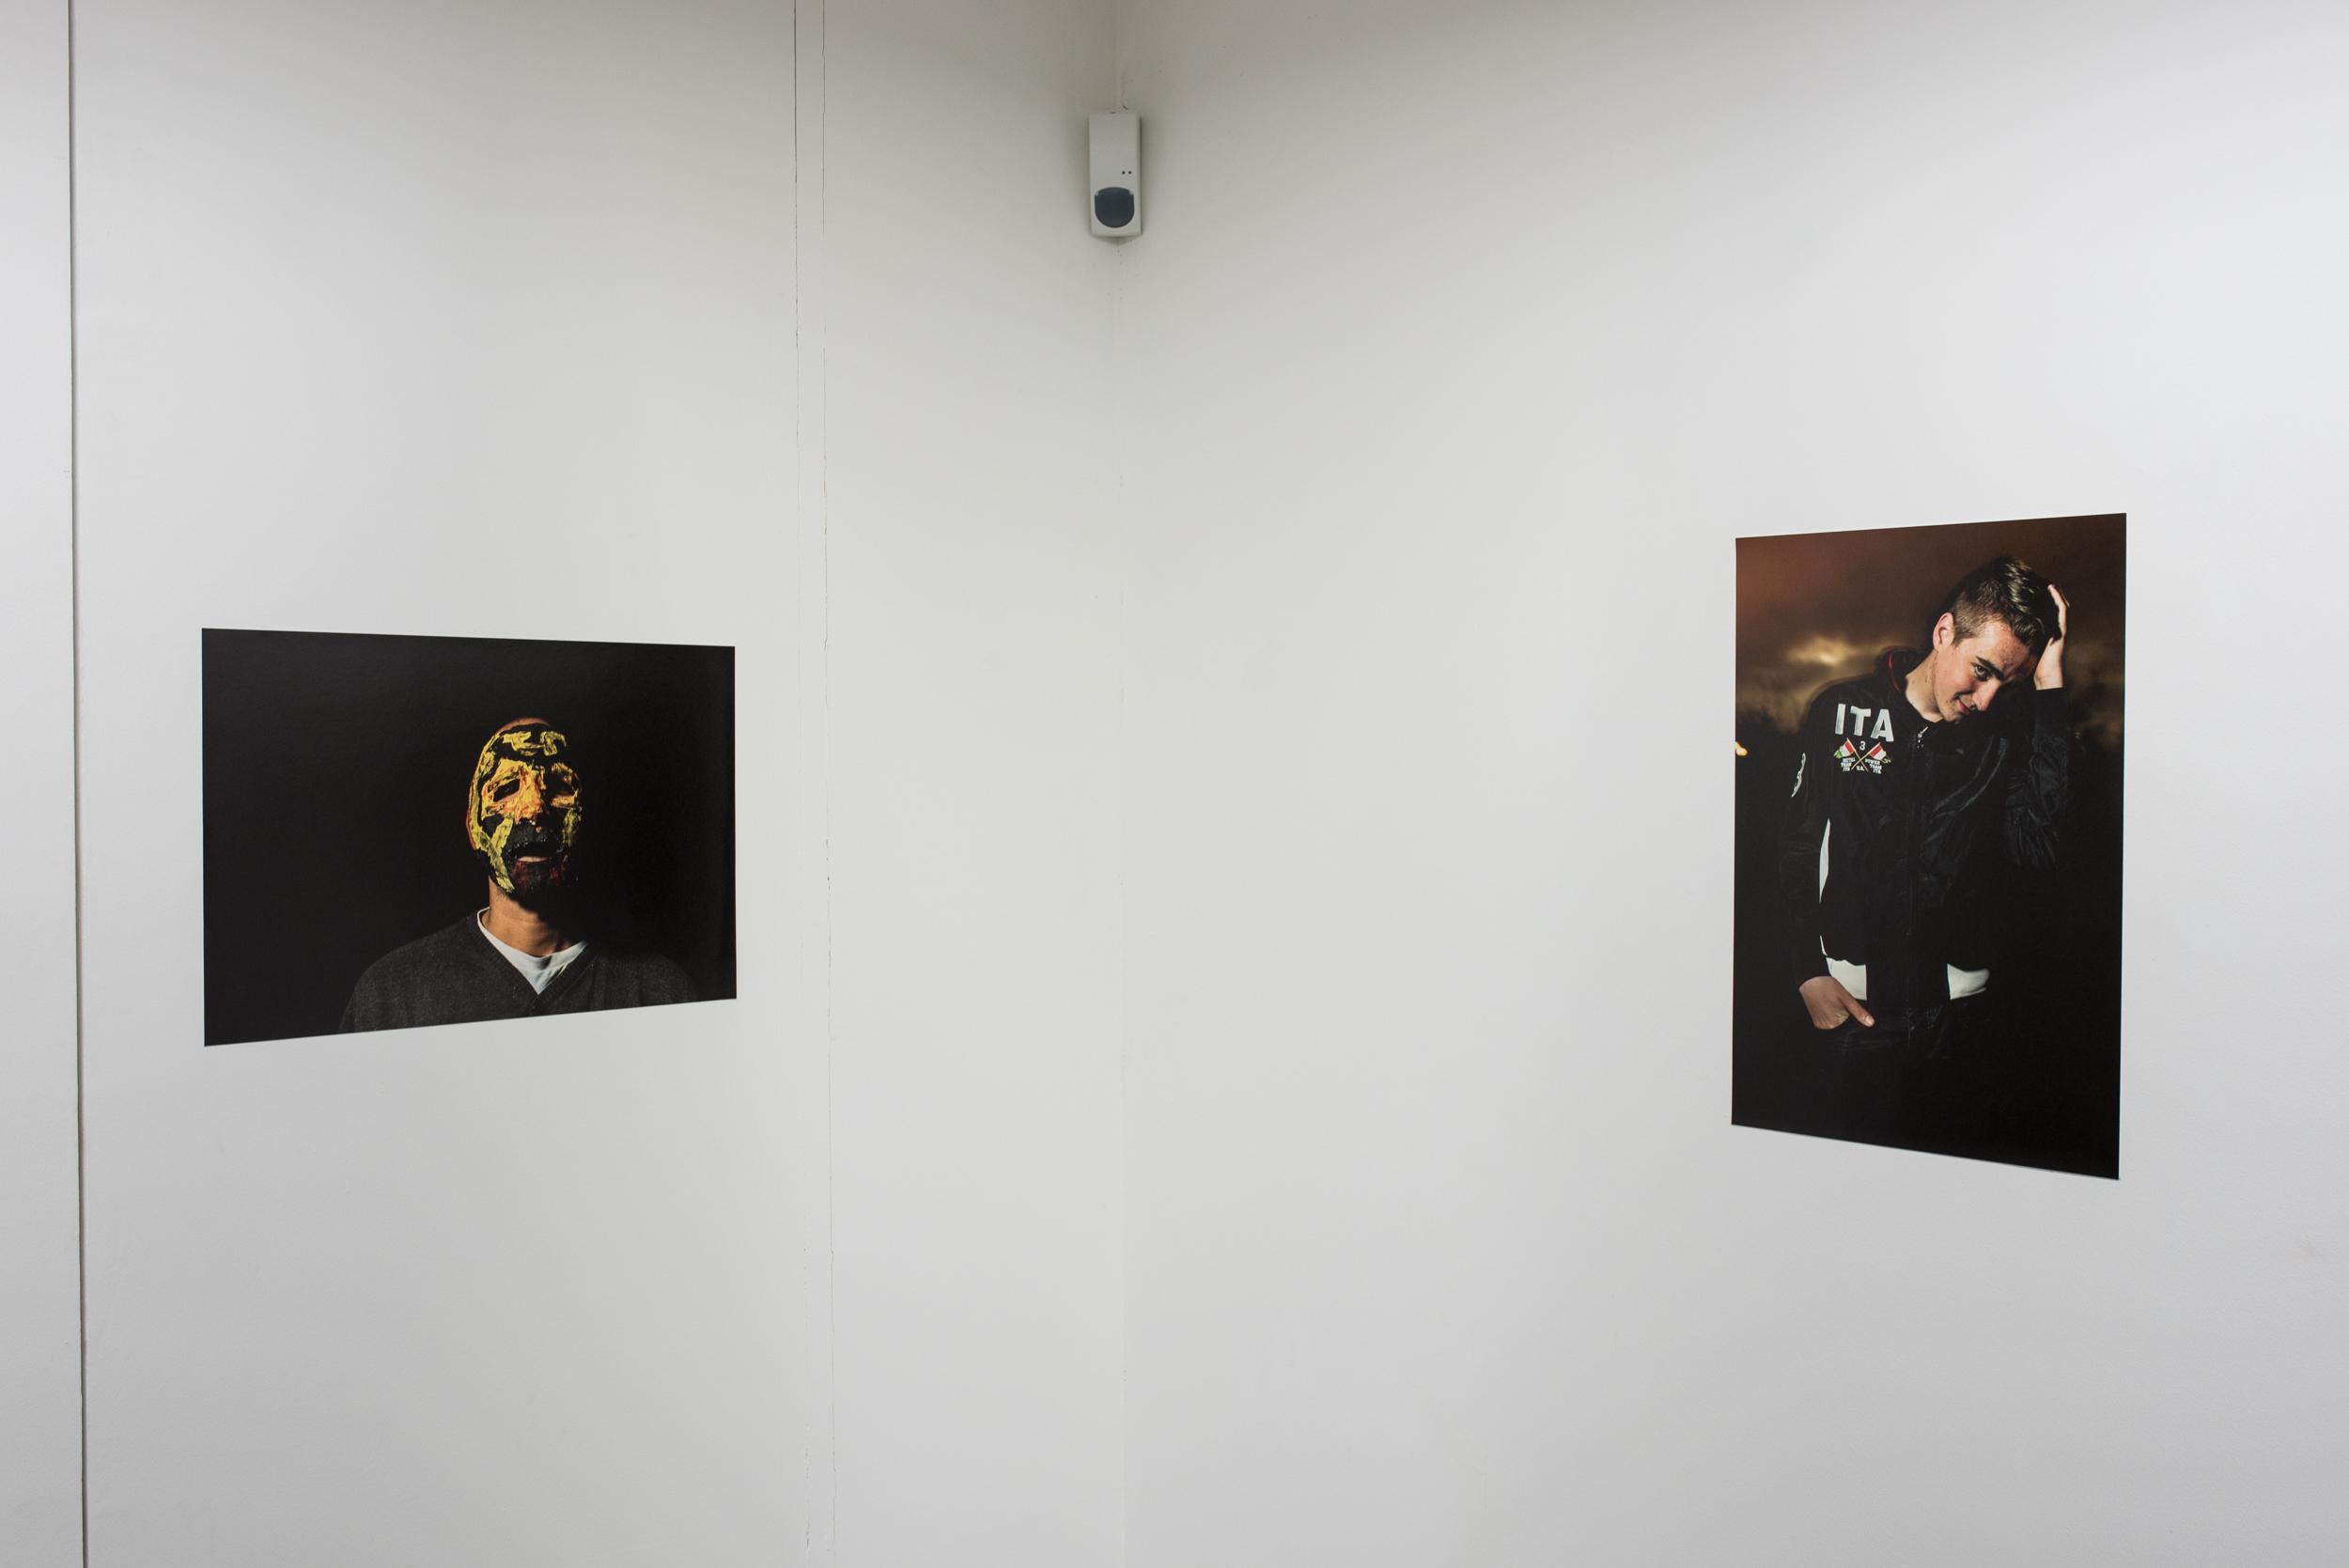 Wesh la Brèche exhibit at the CACP Vila Pérochon - Niort, France 2015